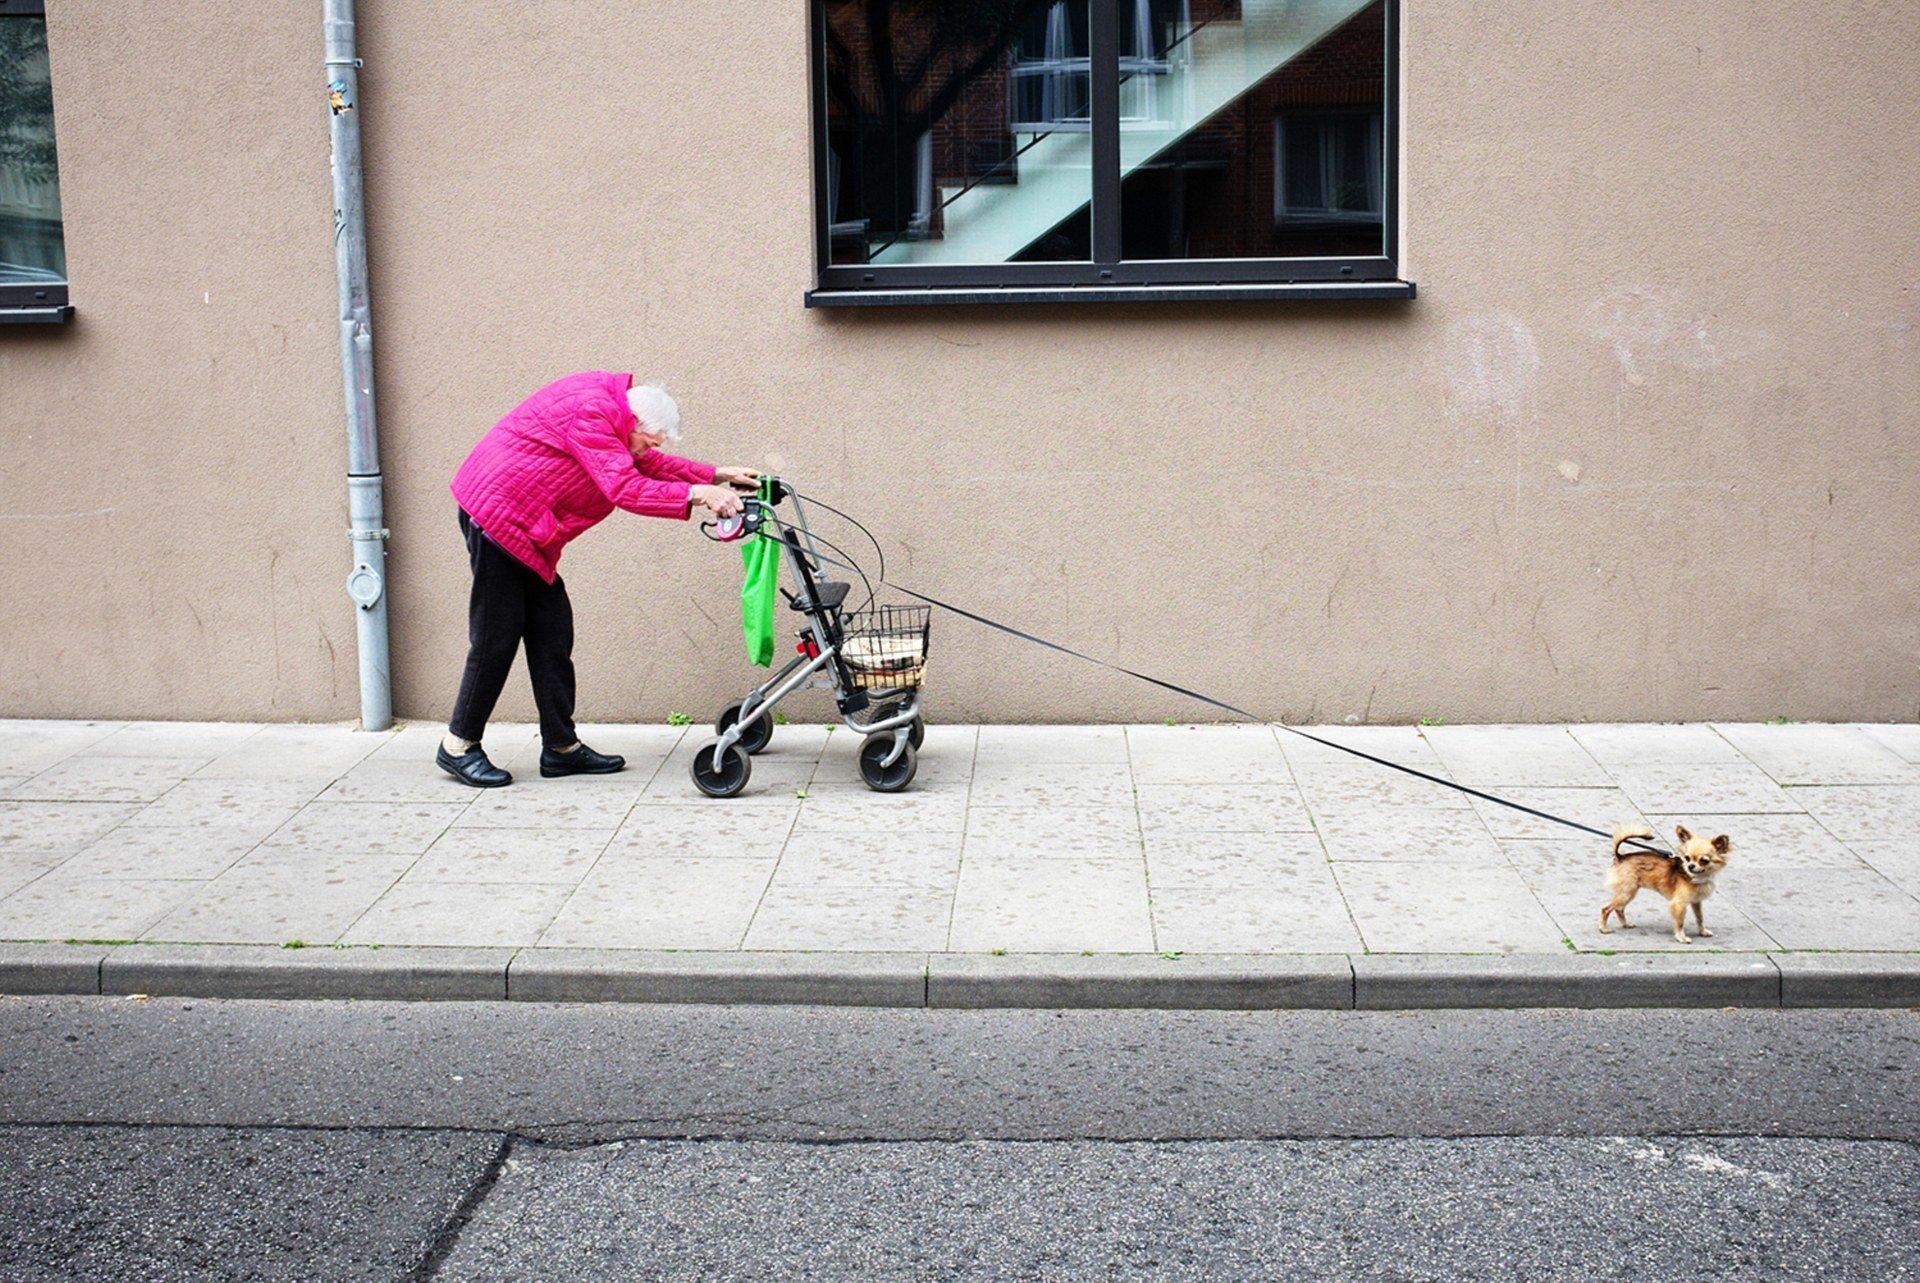 Пожилая дама с собачкой. Фотограф - Мануэль Арменис Sony World Photography, Sony World Photography Awards 2018, лауреаты, лучшие фото, лучшие фотографии, победители, победители конкурса, фотоконкурс